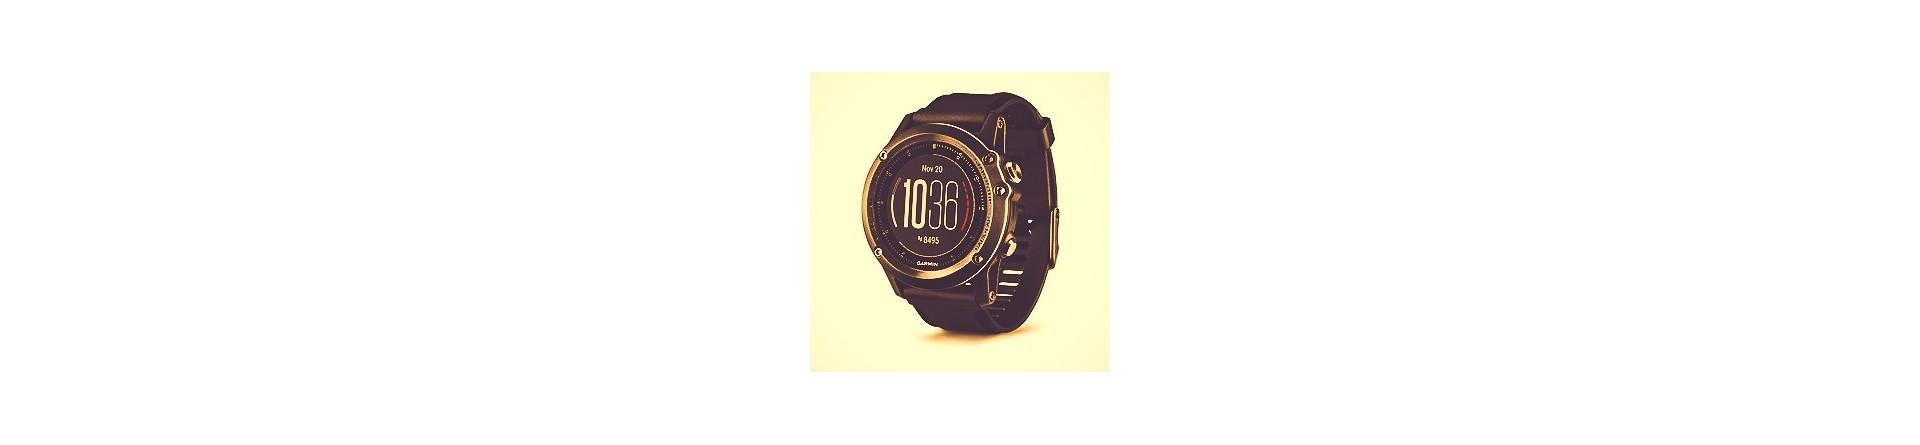 Orologi e GPS | Giuglar Shop